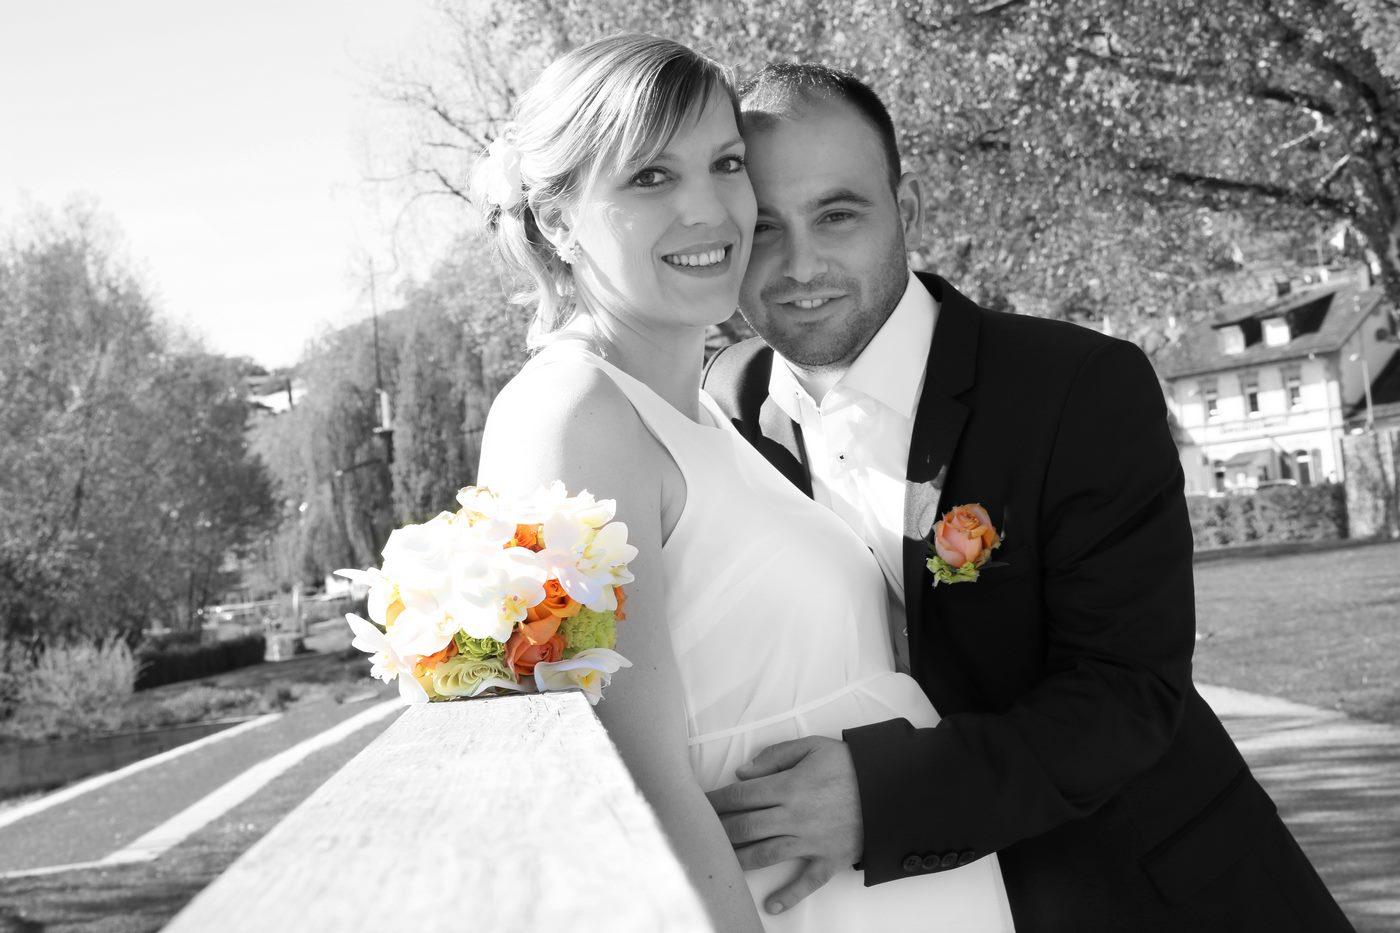 Brautpaarshooting in schwarzweiß mit farbigen Blumen